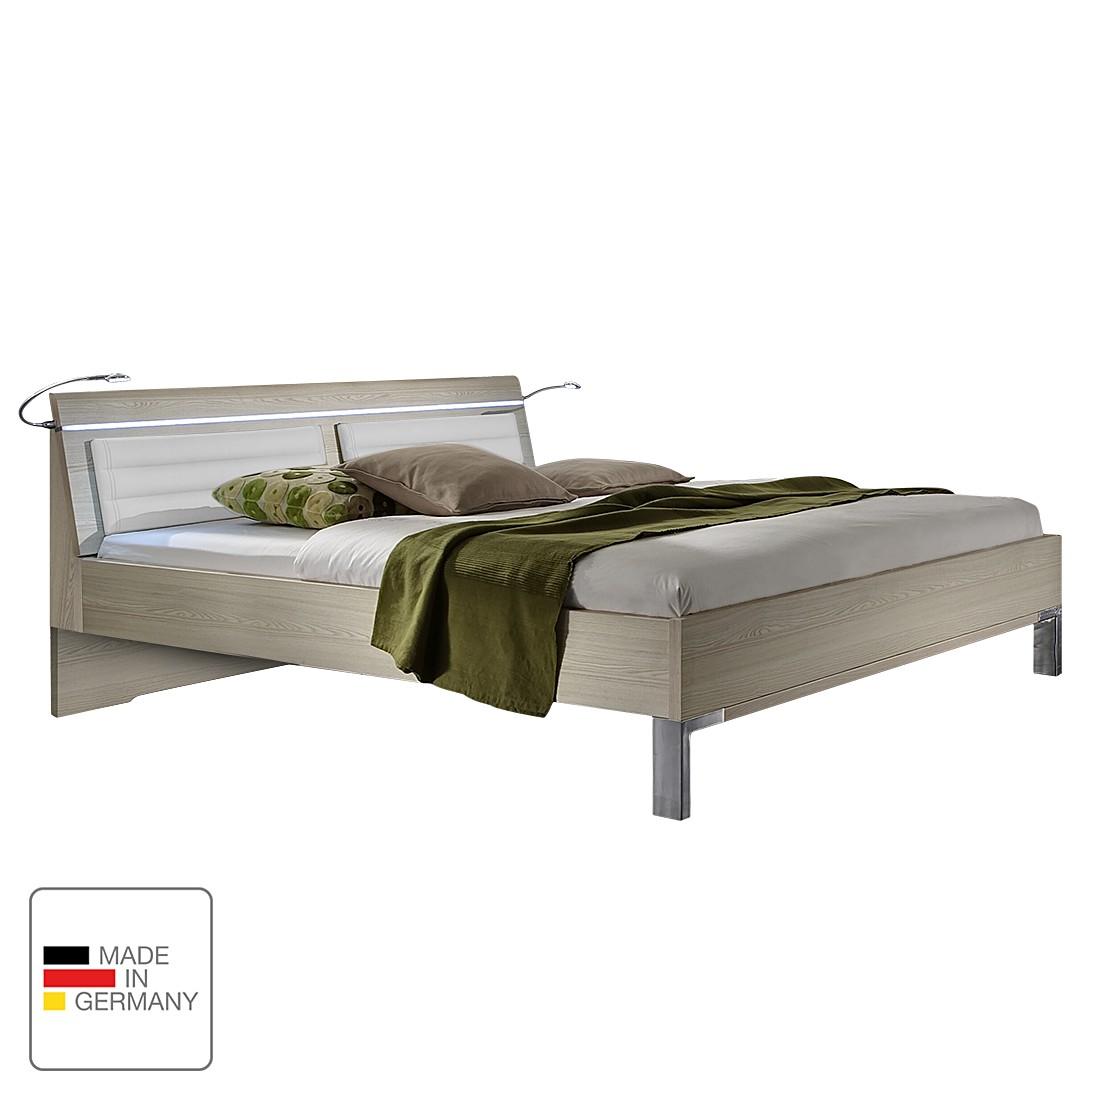 Futonbett Bolero – Esche Dekor/Weiß – 140 x 190cm – Mit Beleuchtung, Althoff günstig